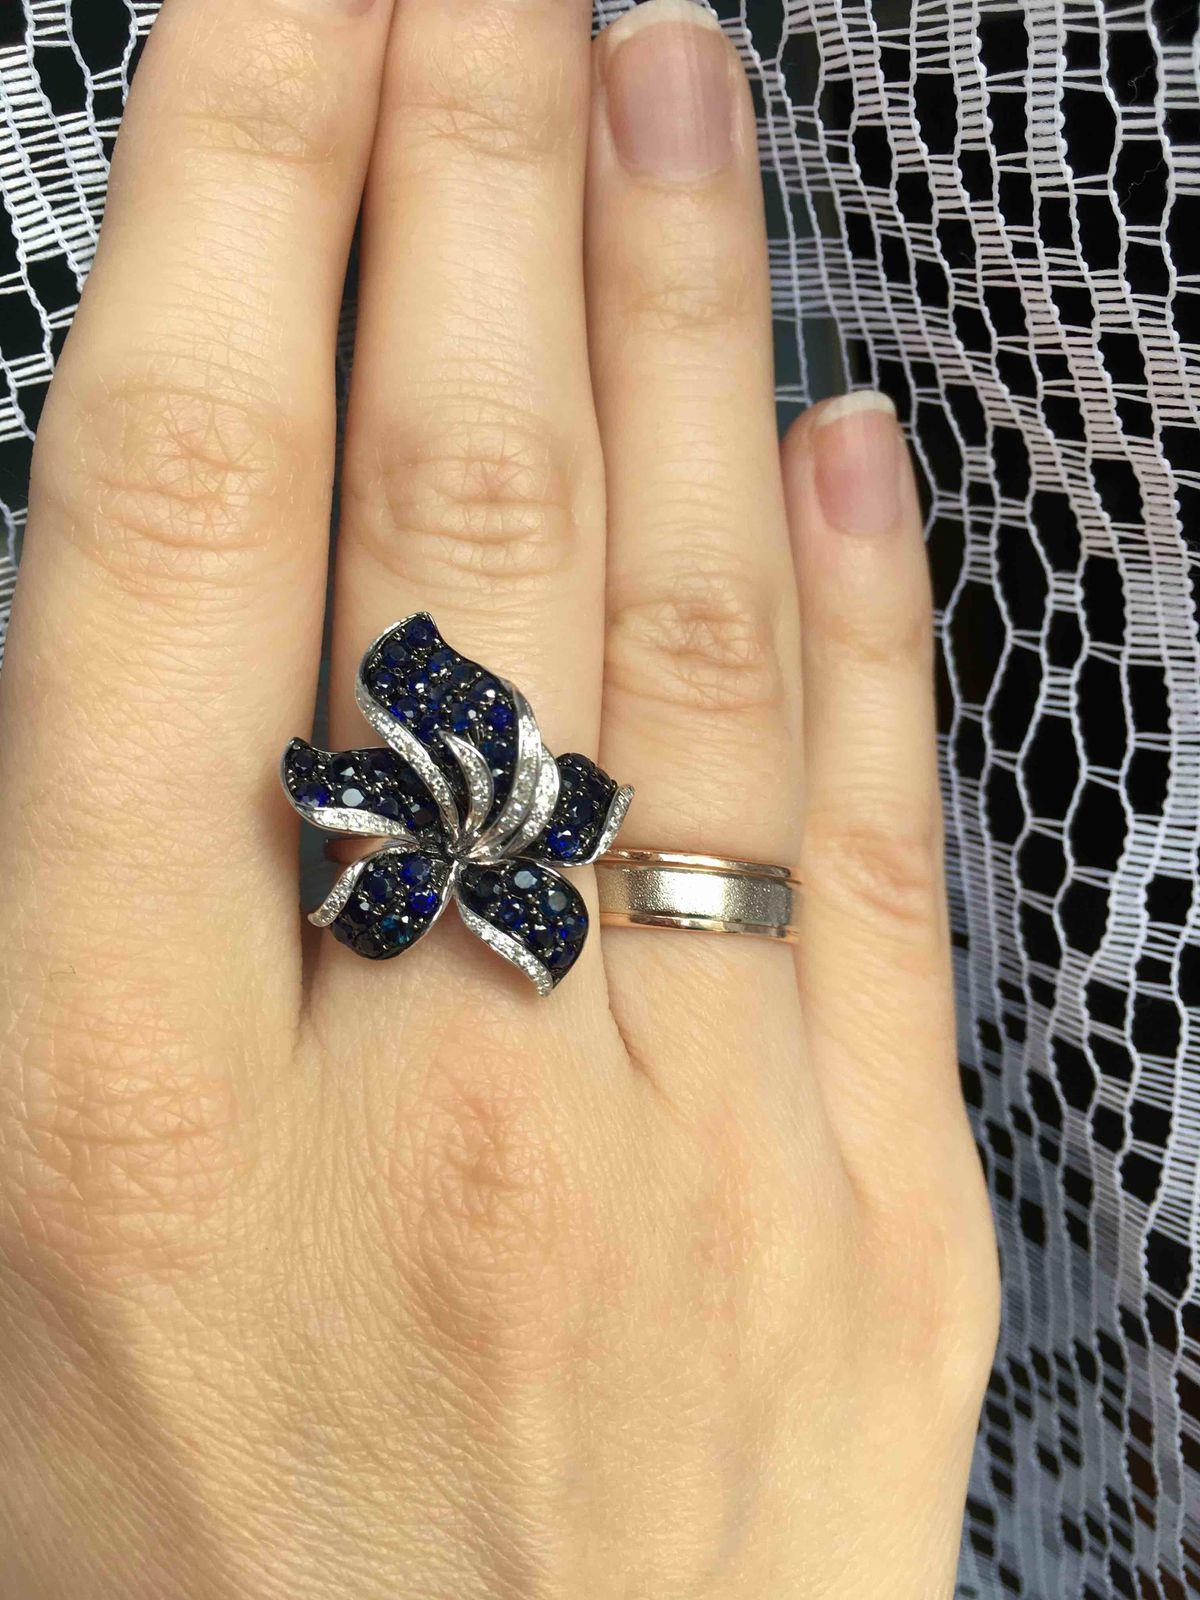 Красивый цветок на пальце